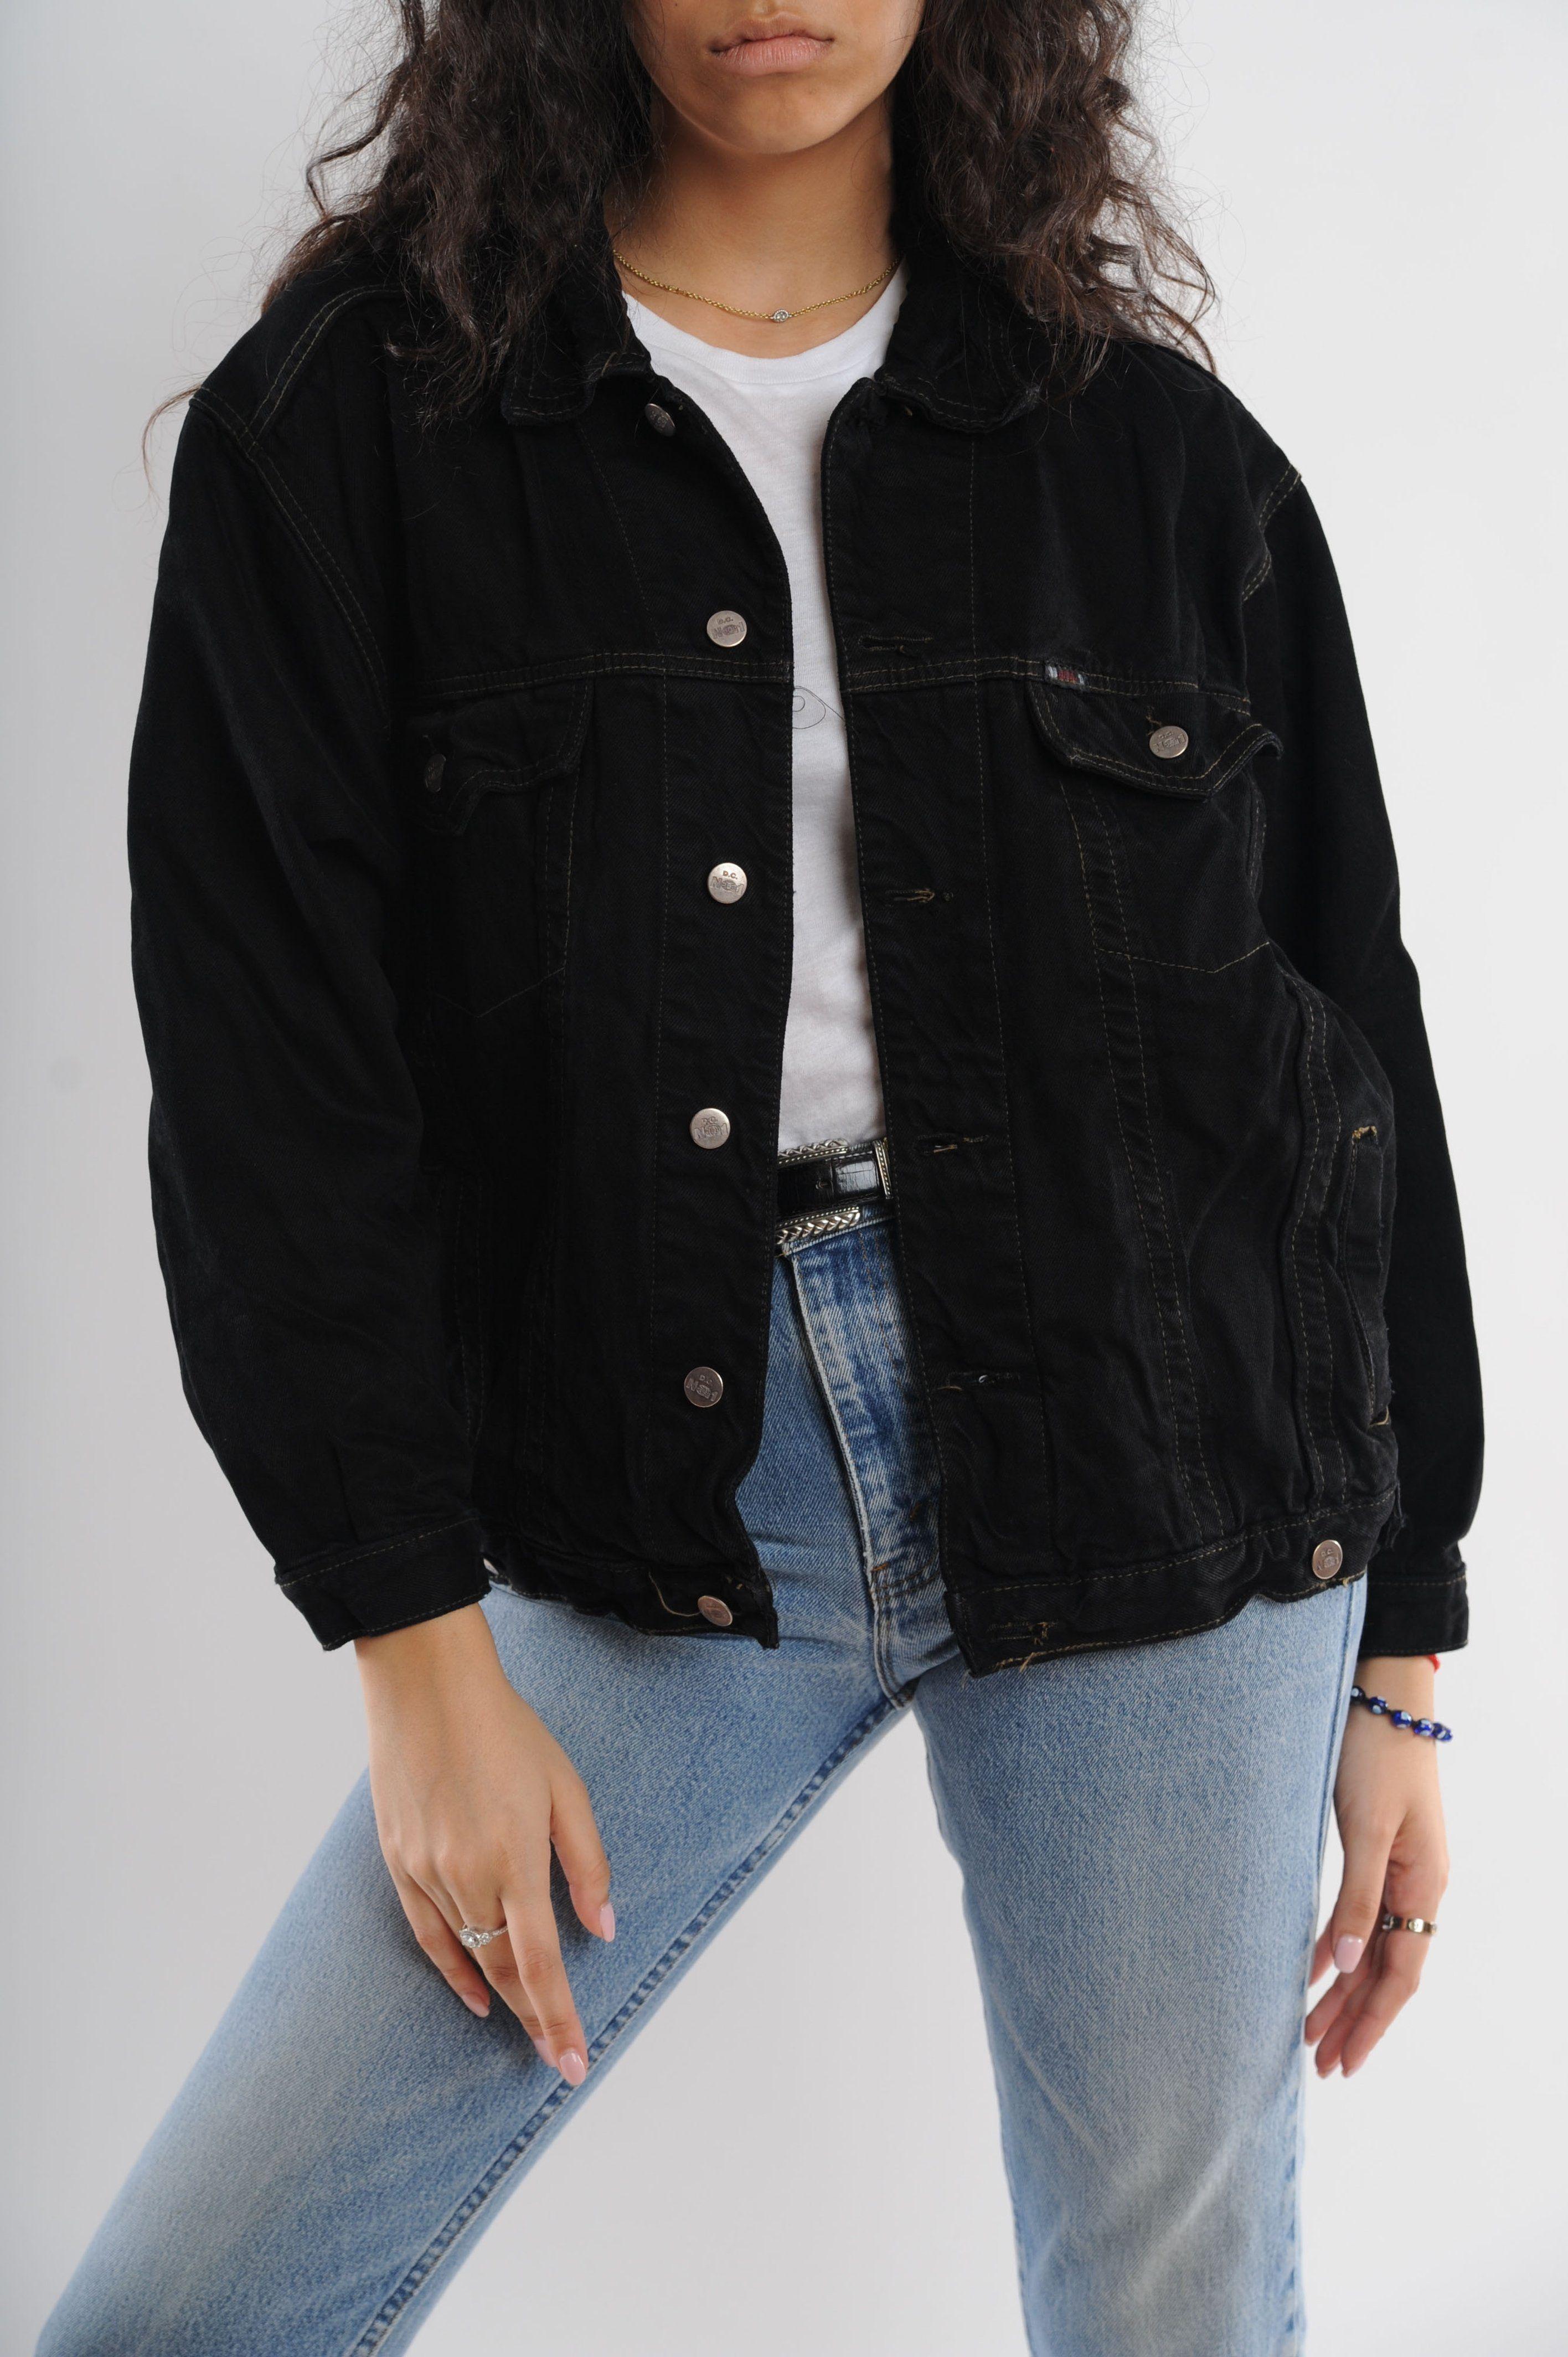 Black Denim Jacket Black Denim Jacket Outfit Jacket Outfit Women Black Ripped Jeans Outfit [ 4256 x 2832 Pixel ]